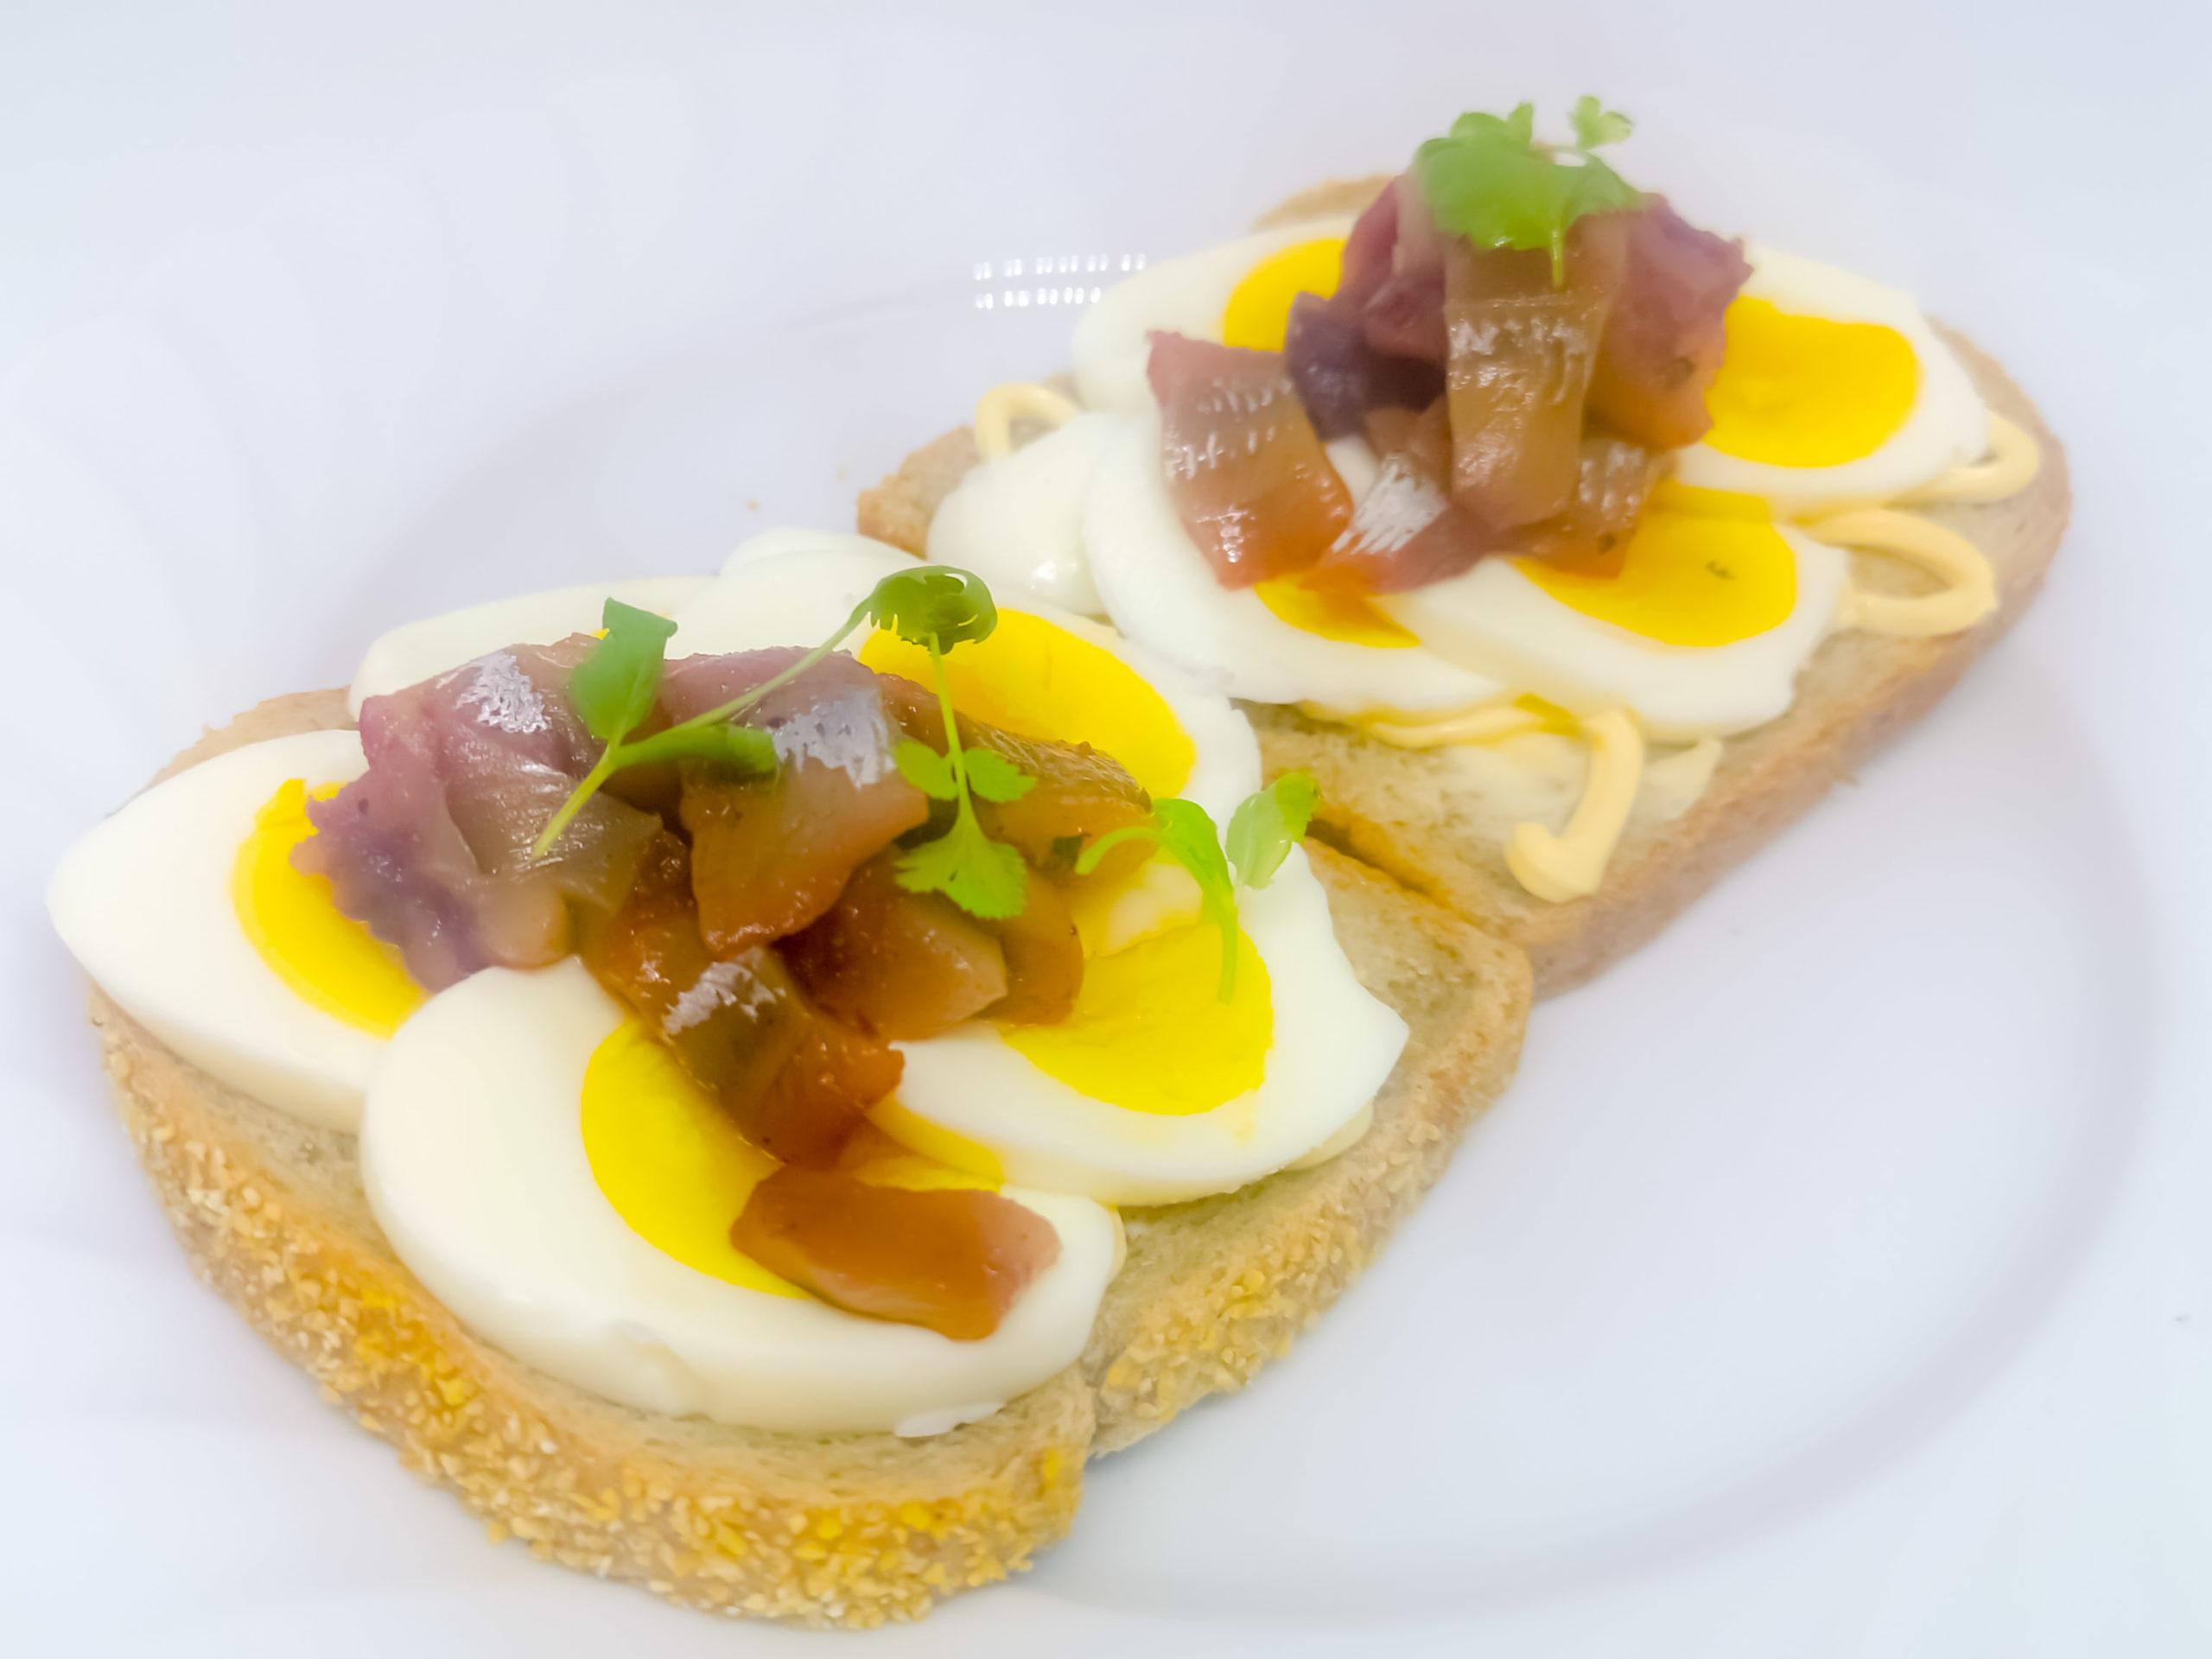 egg, sild